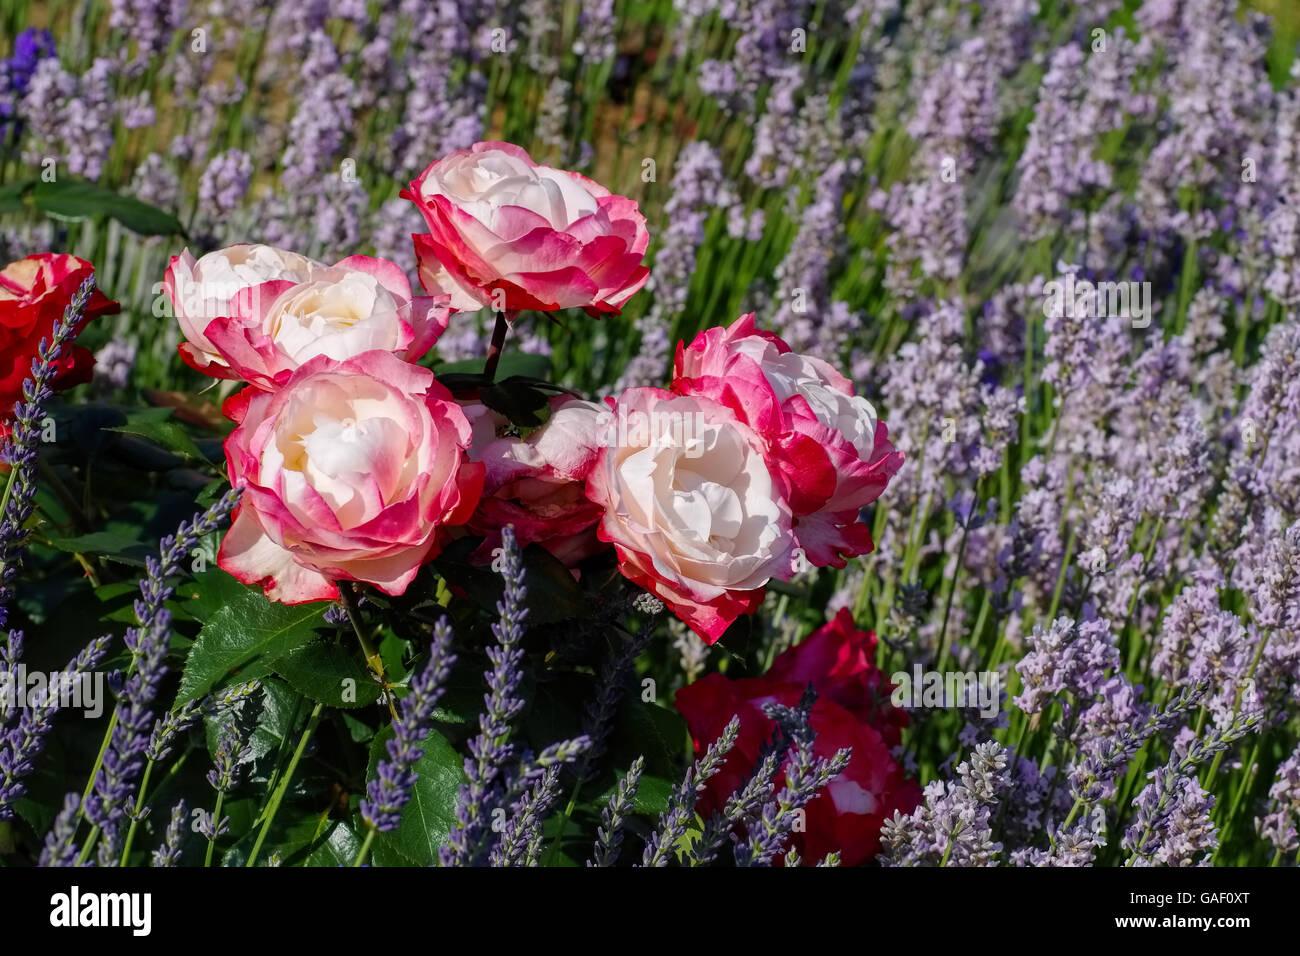 Rose Nostalgie in Rot Und Weiß - Rose Nostalgie und Lavendelblüten im Sommergarten Stockbild